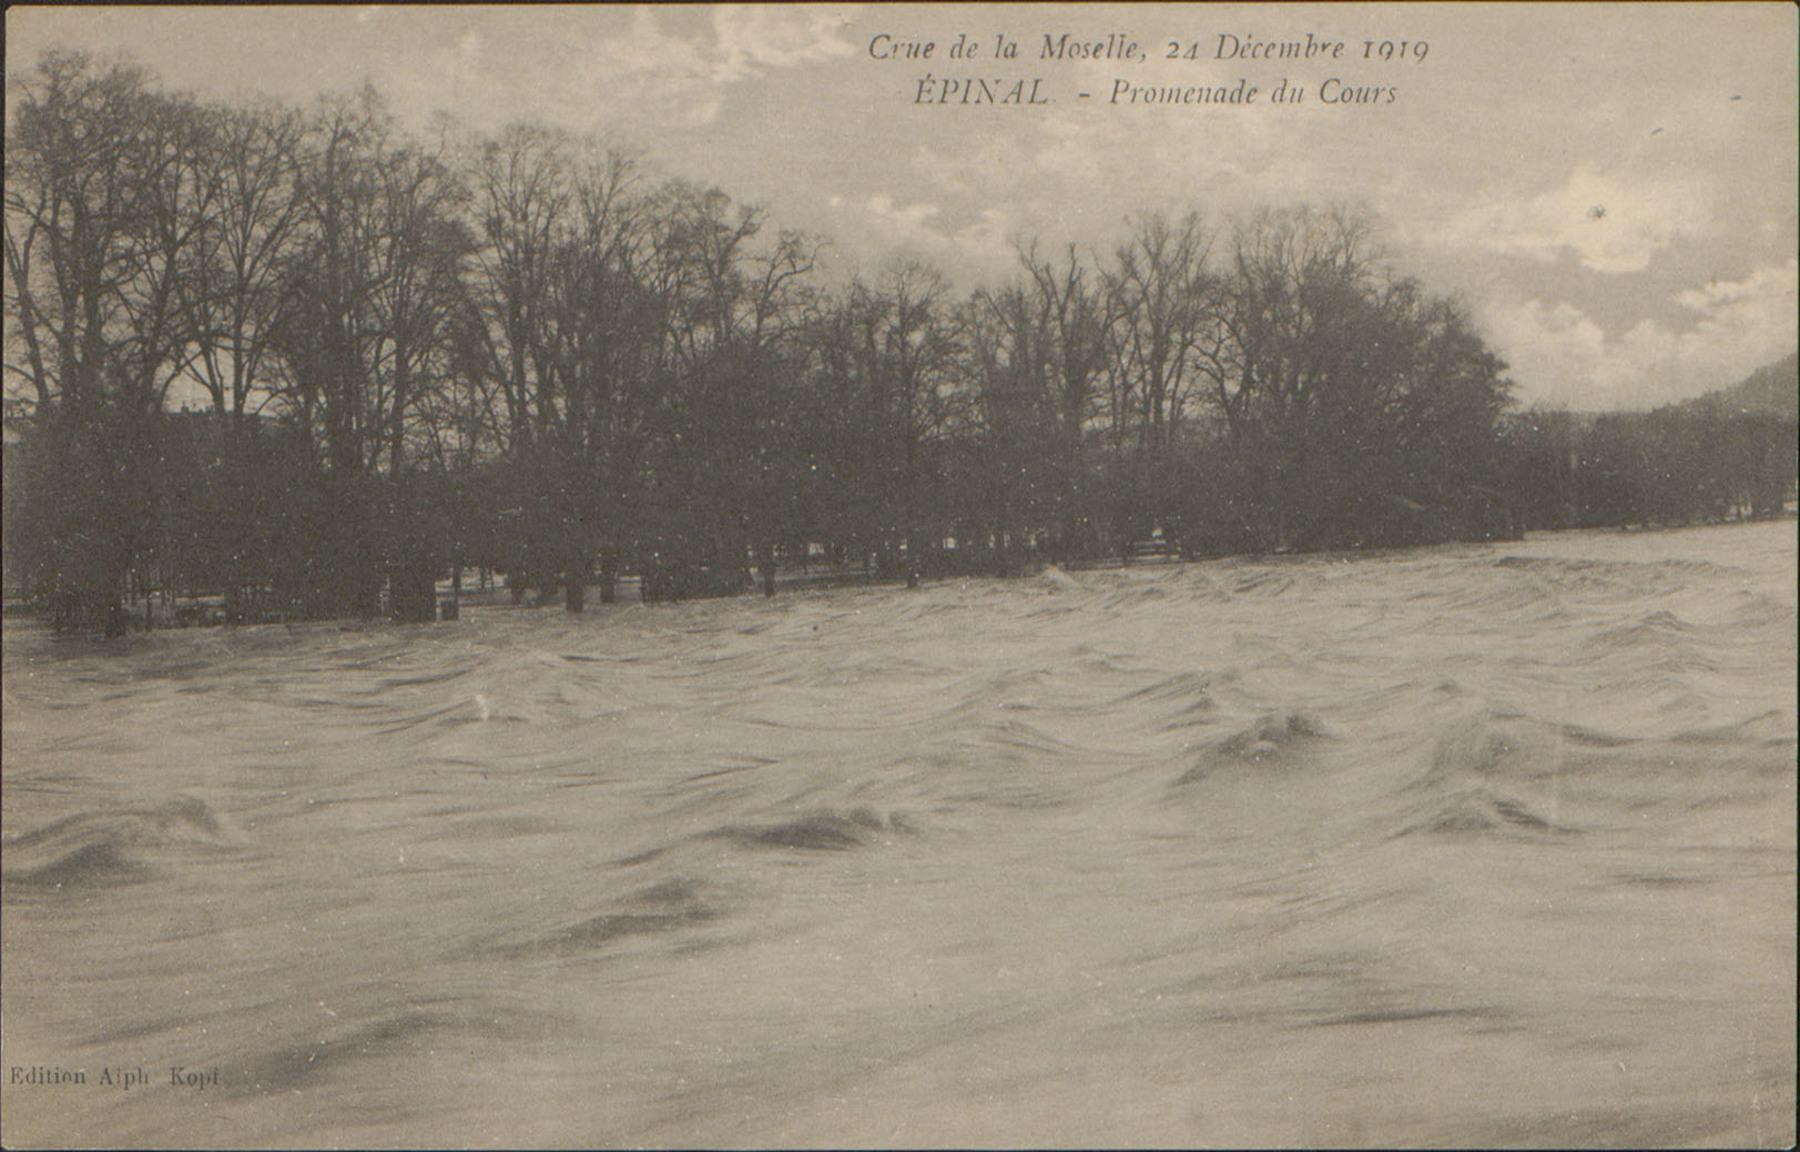 Contenu du Crue de la Moselle, 24 Décembre 1919, Épinal, Promenade du Cours